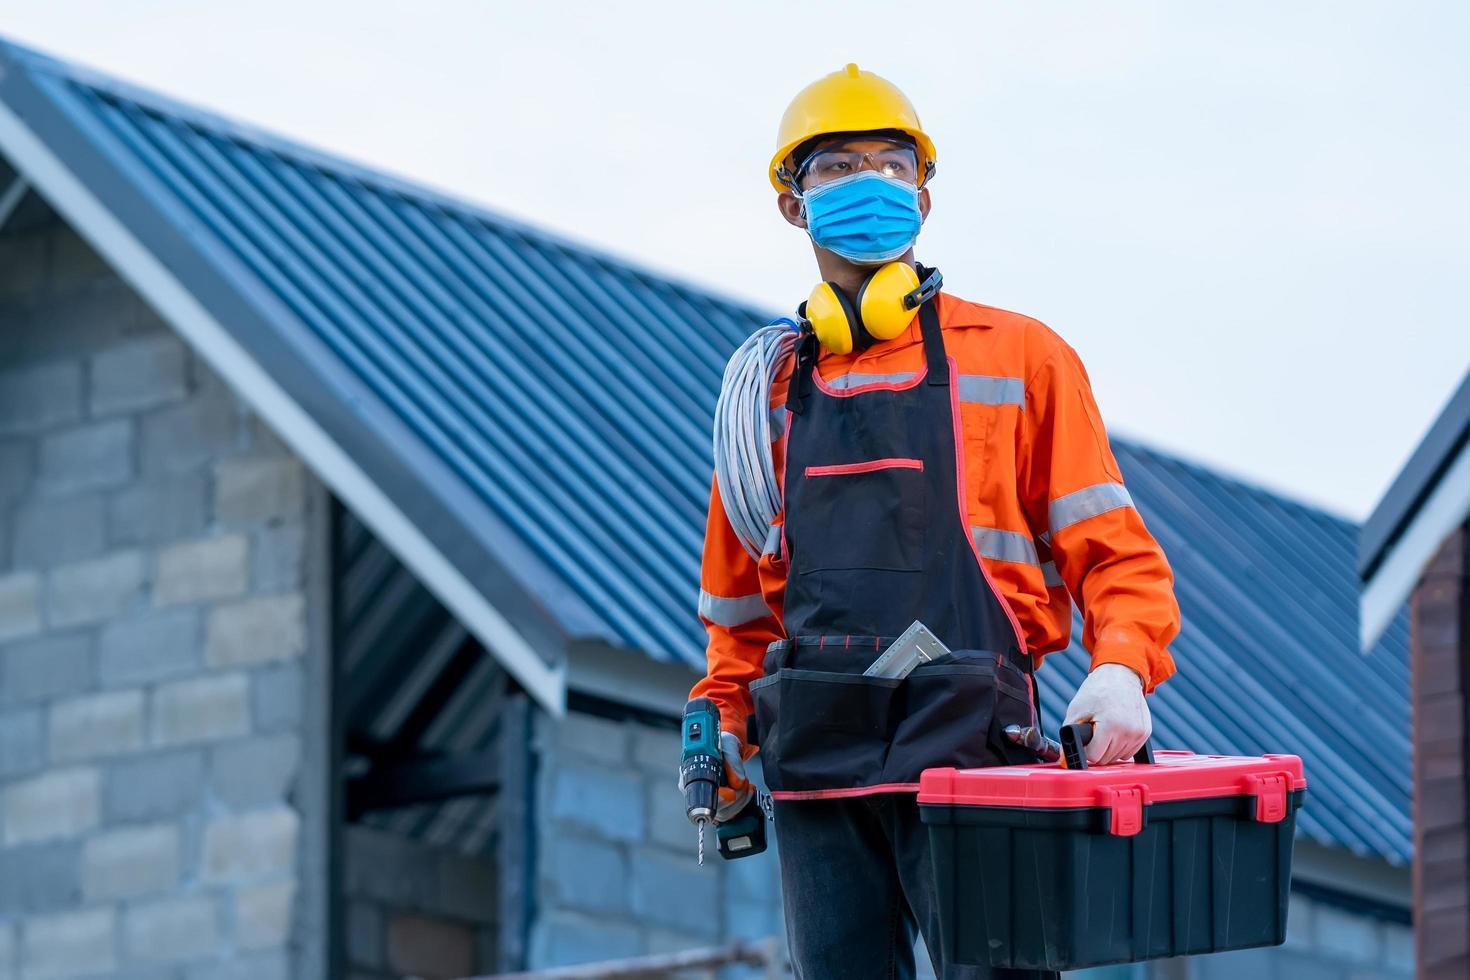 trabalhador da construção civil usando ppe foto